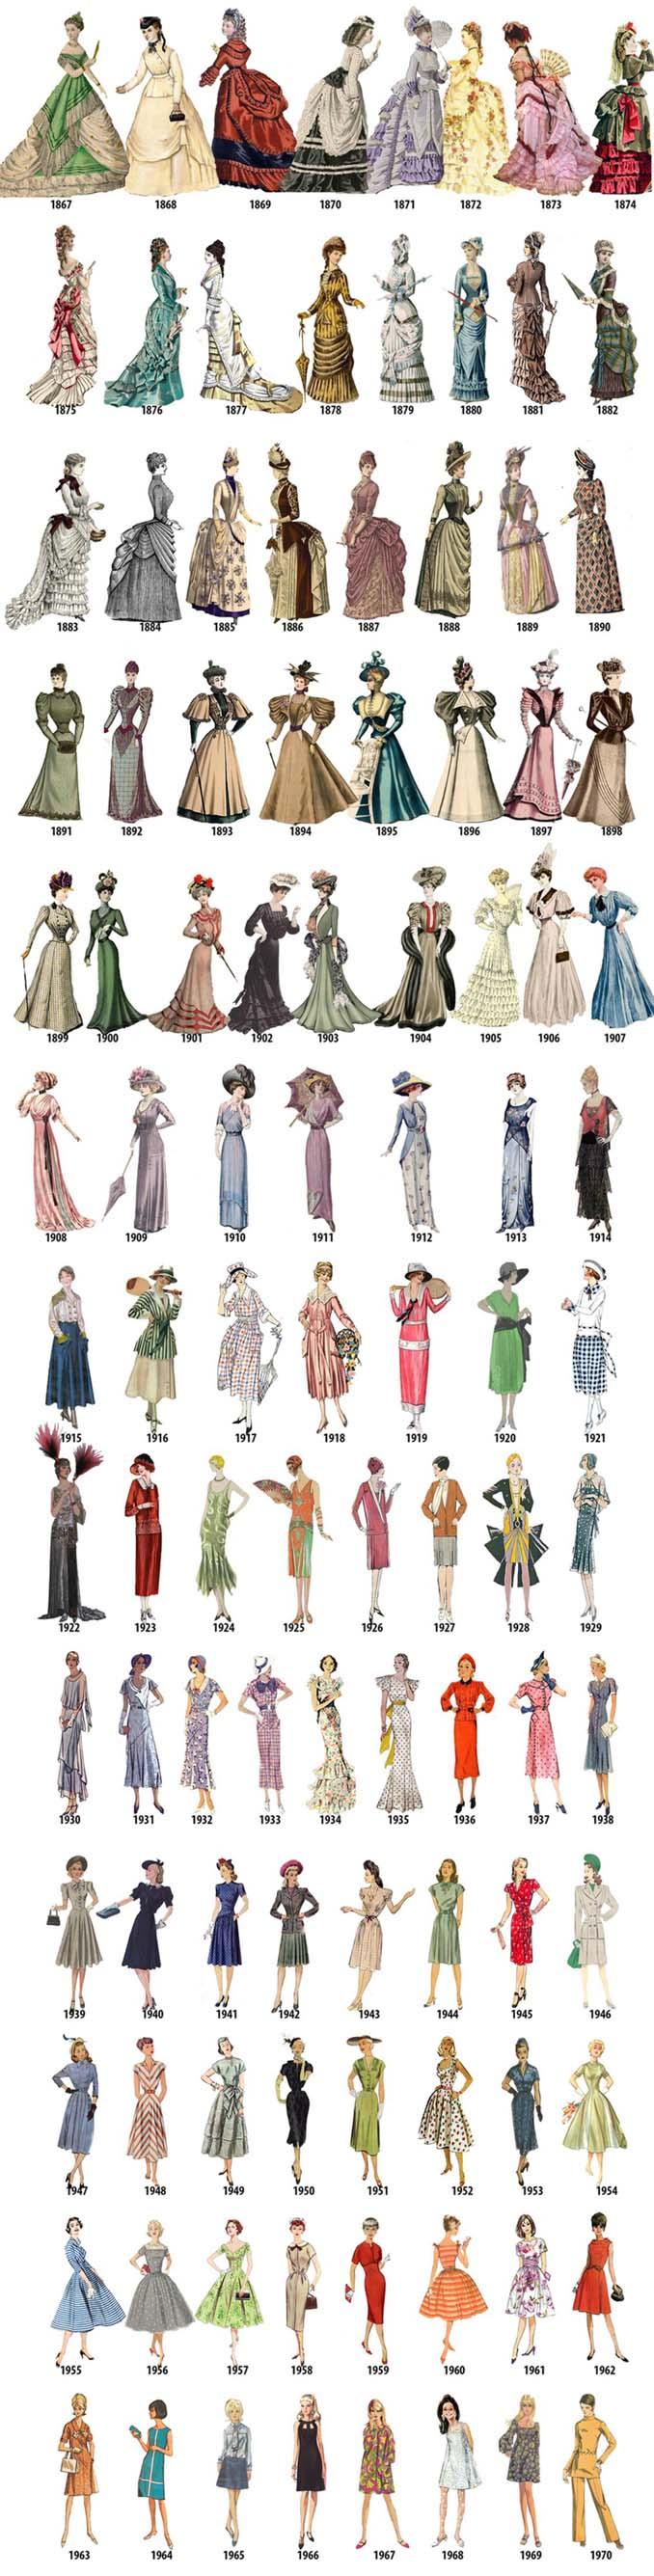 Η εξέλιξη της γυναικείας μόδας από το 1784 μέχρι το 1970 μέσα από μια σειρά σκίτσων (2)